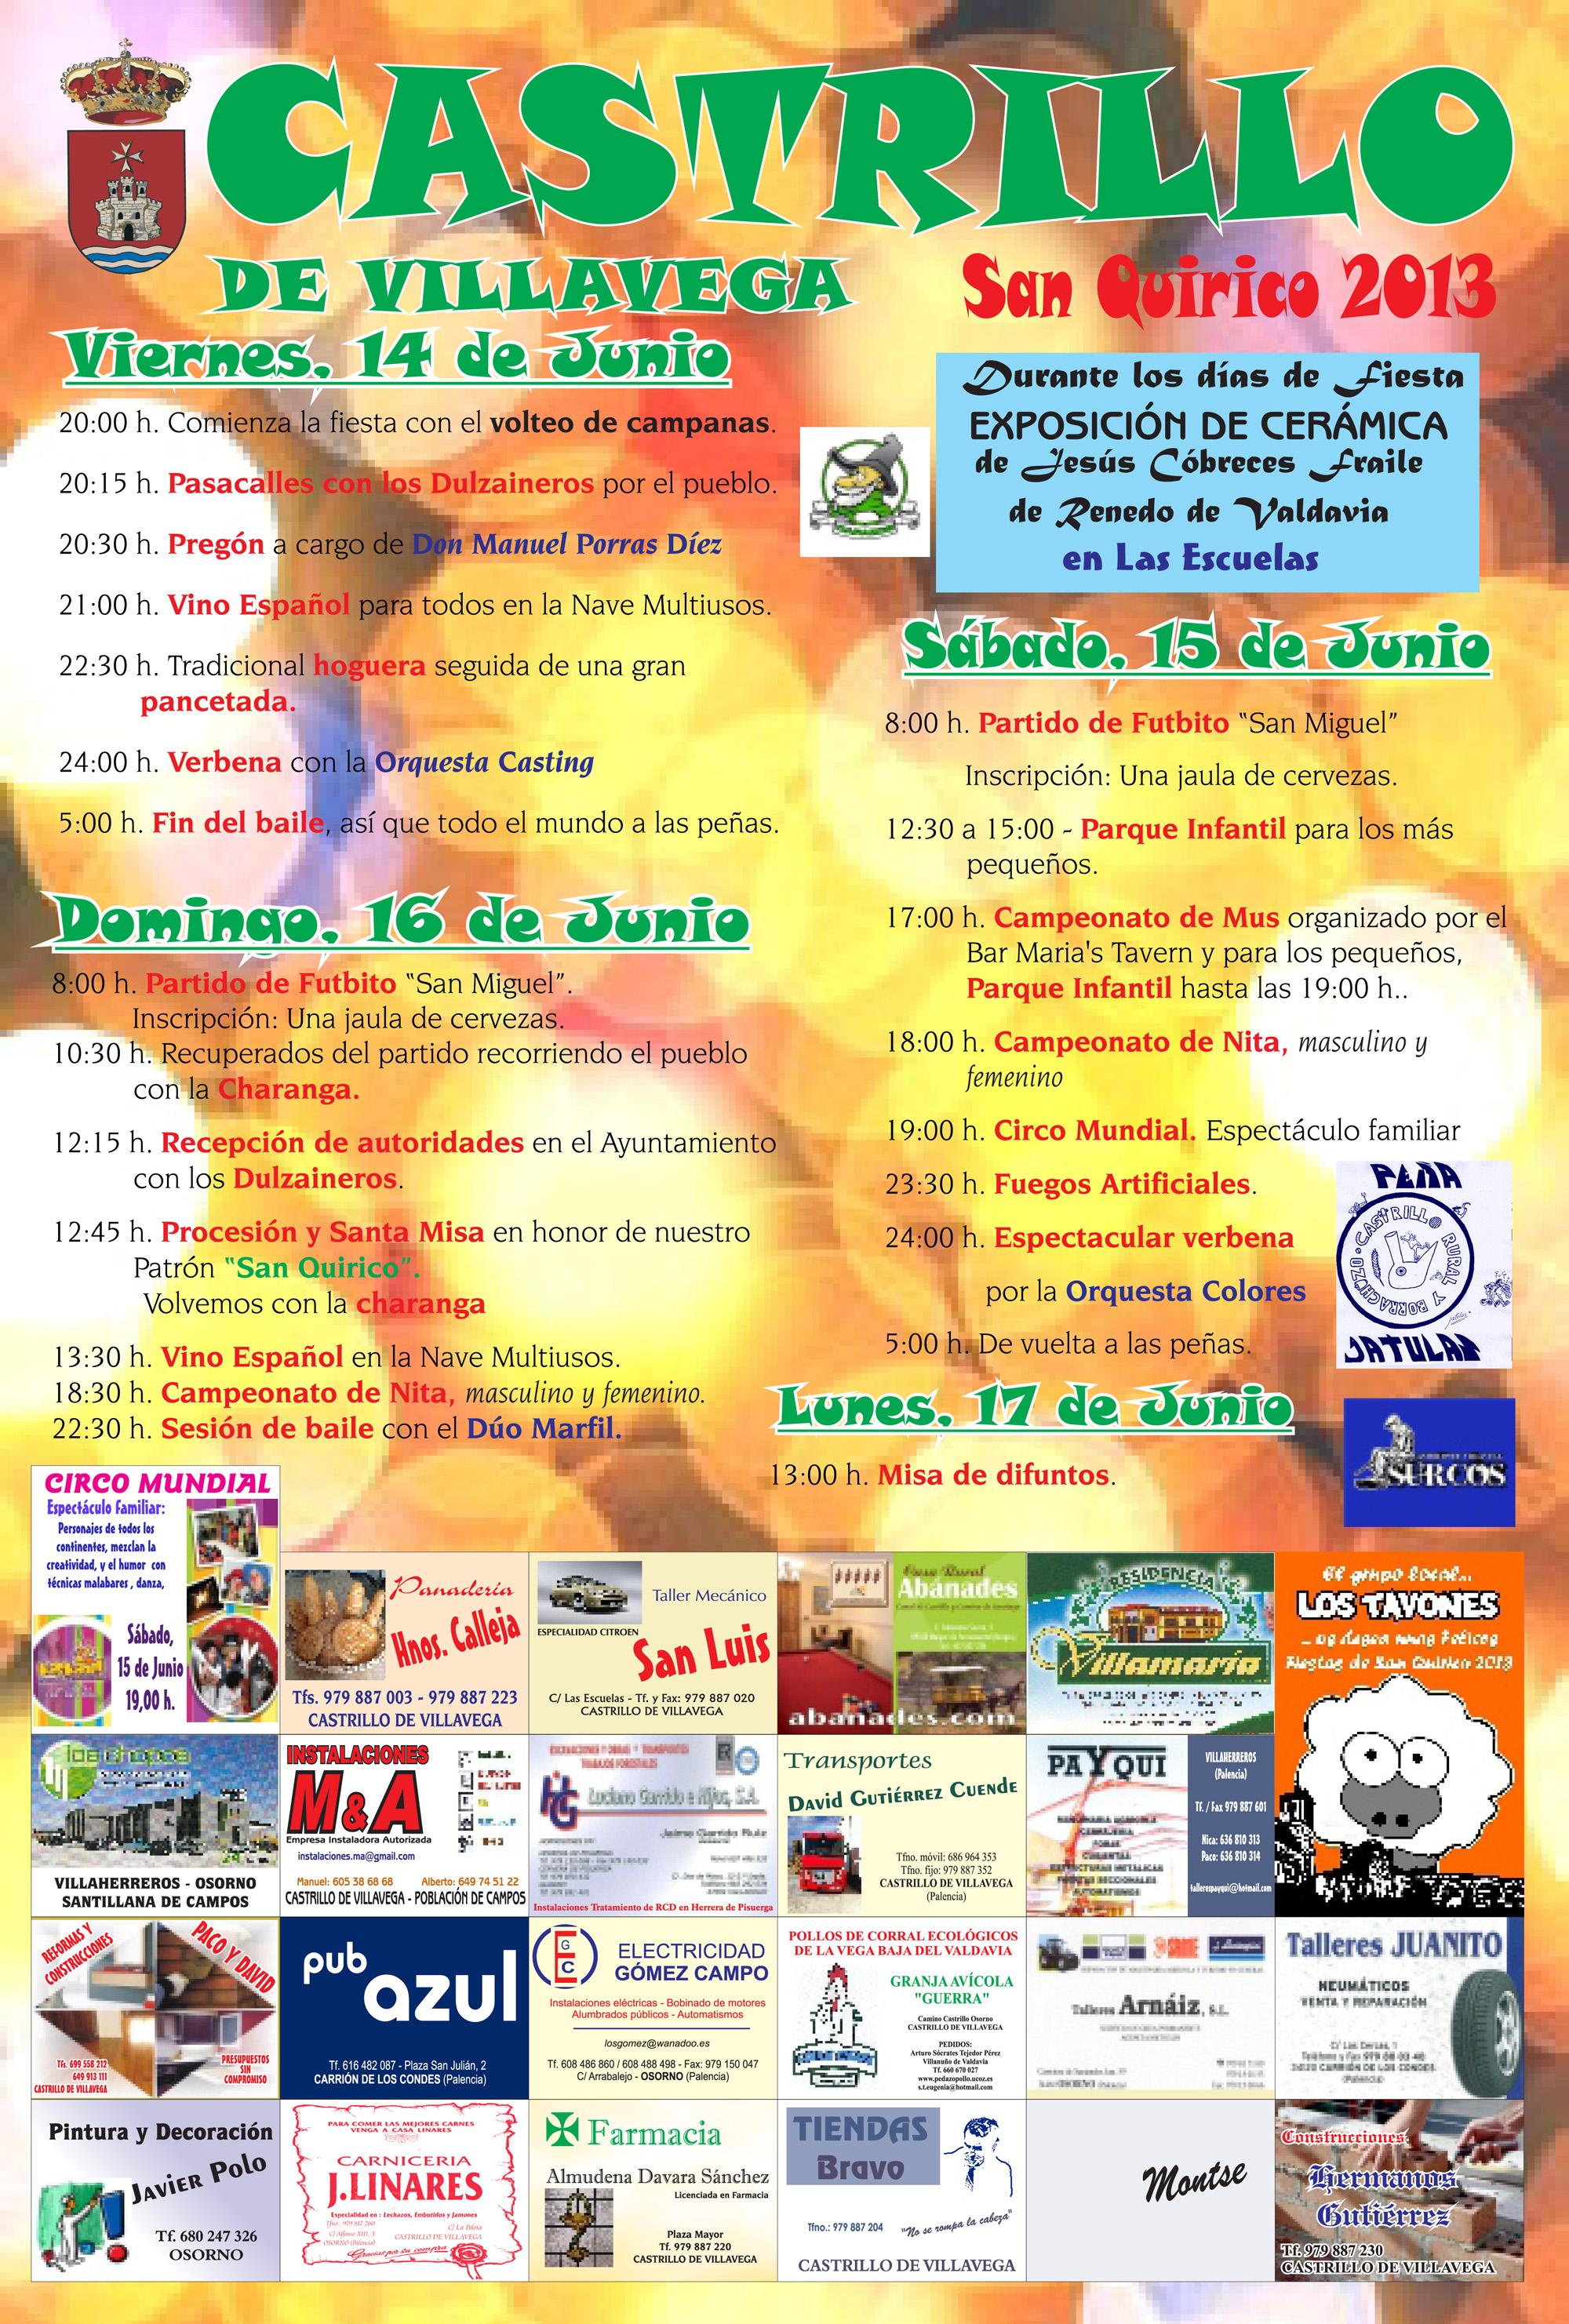 Fiestas de San Quirico 2013